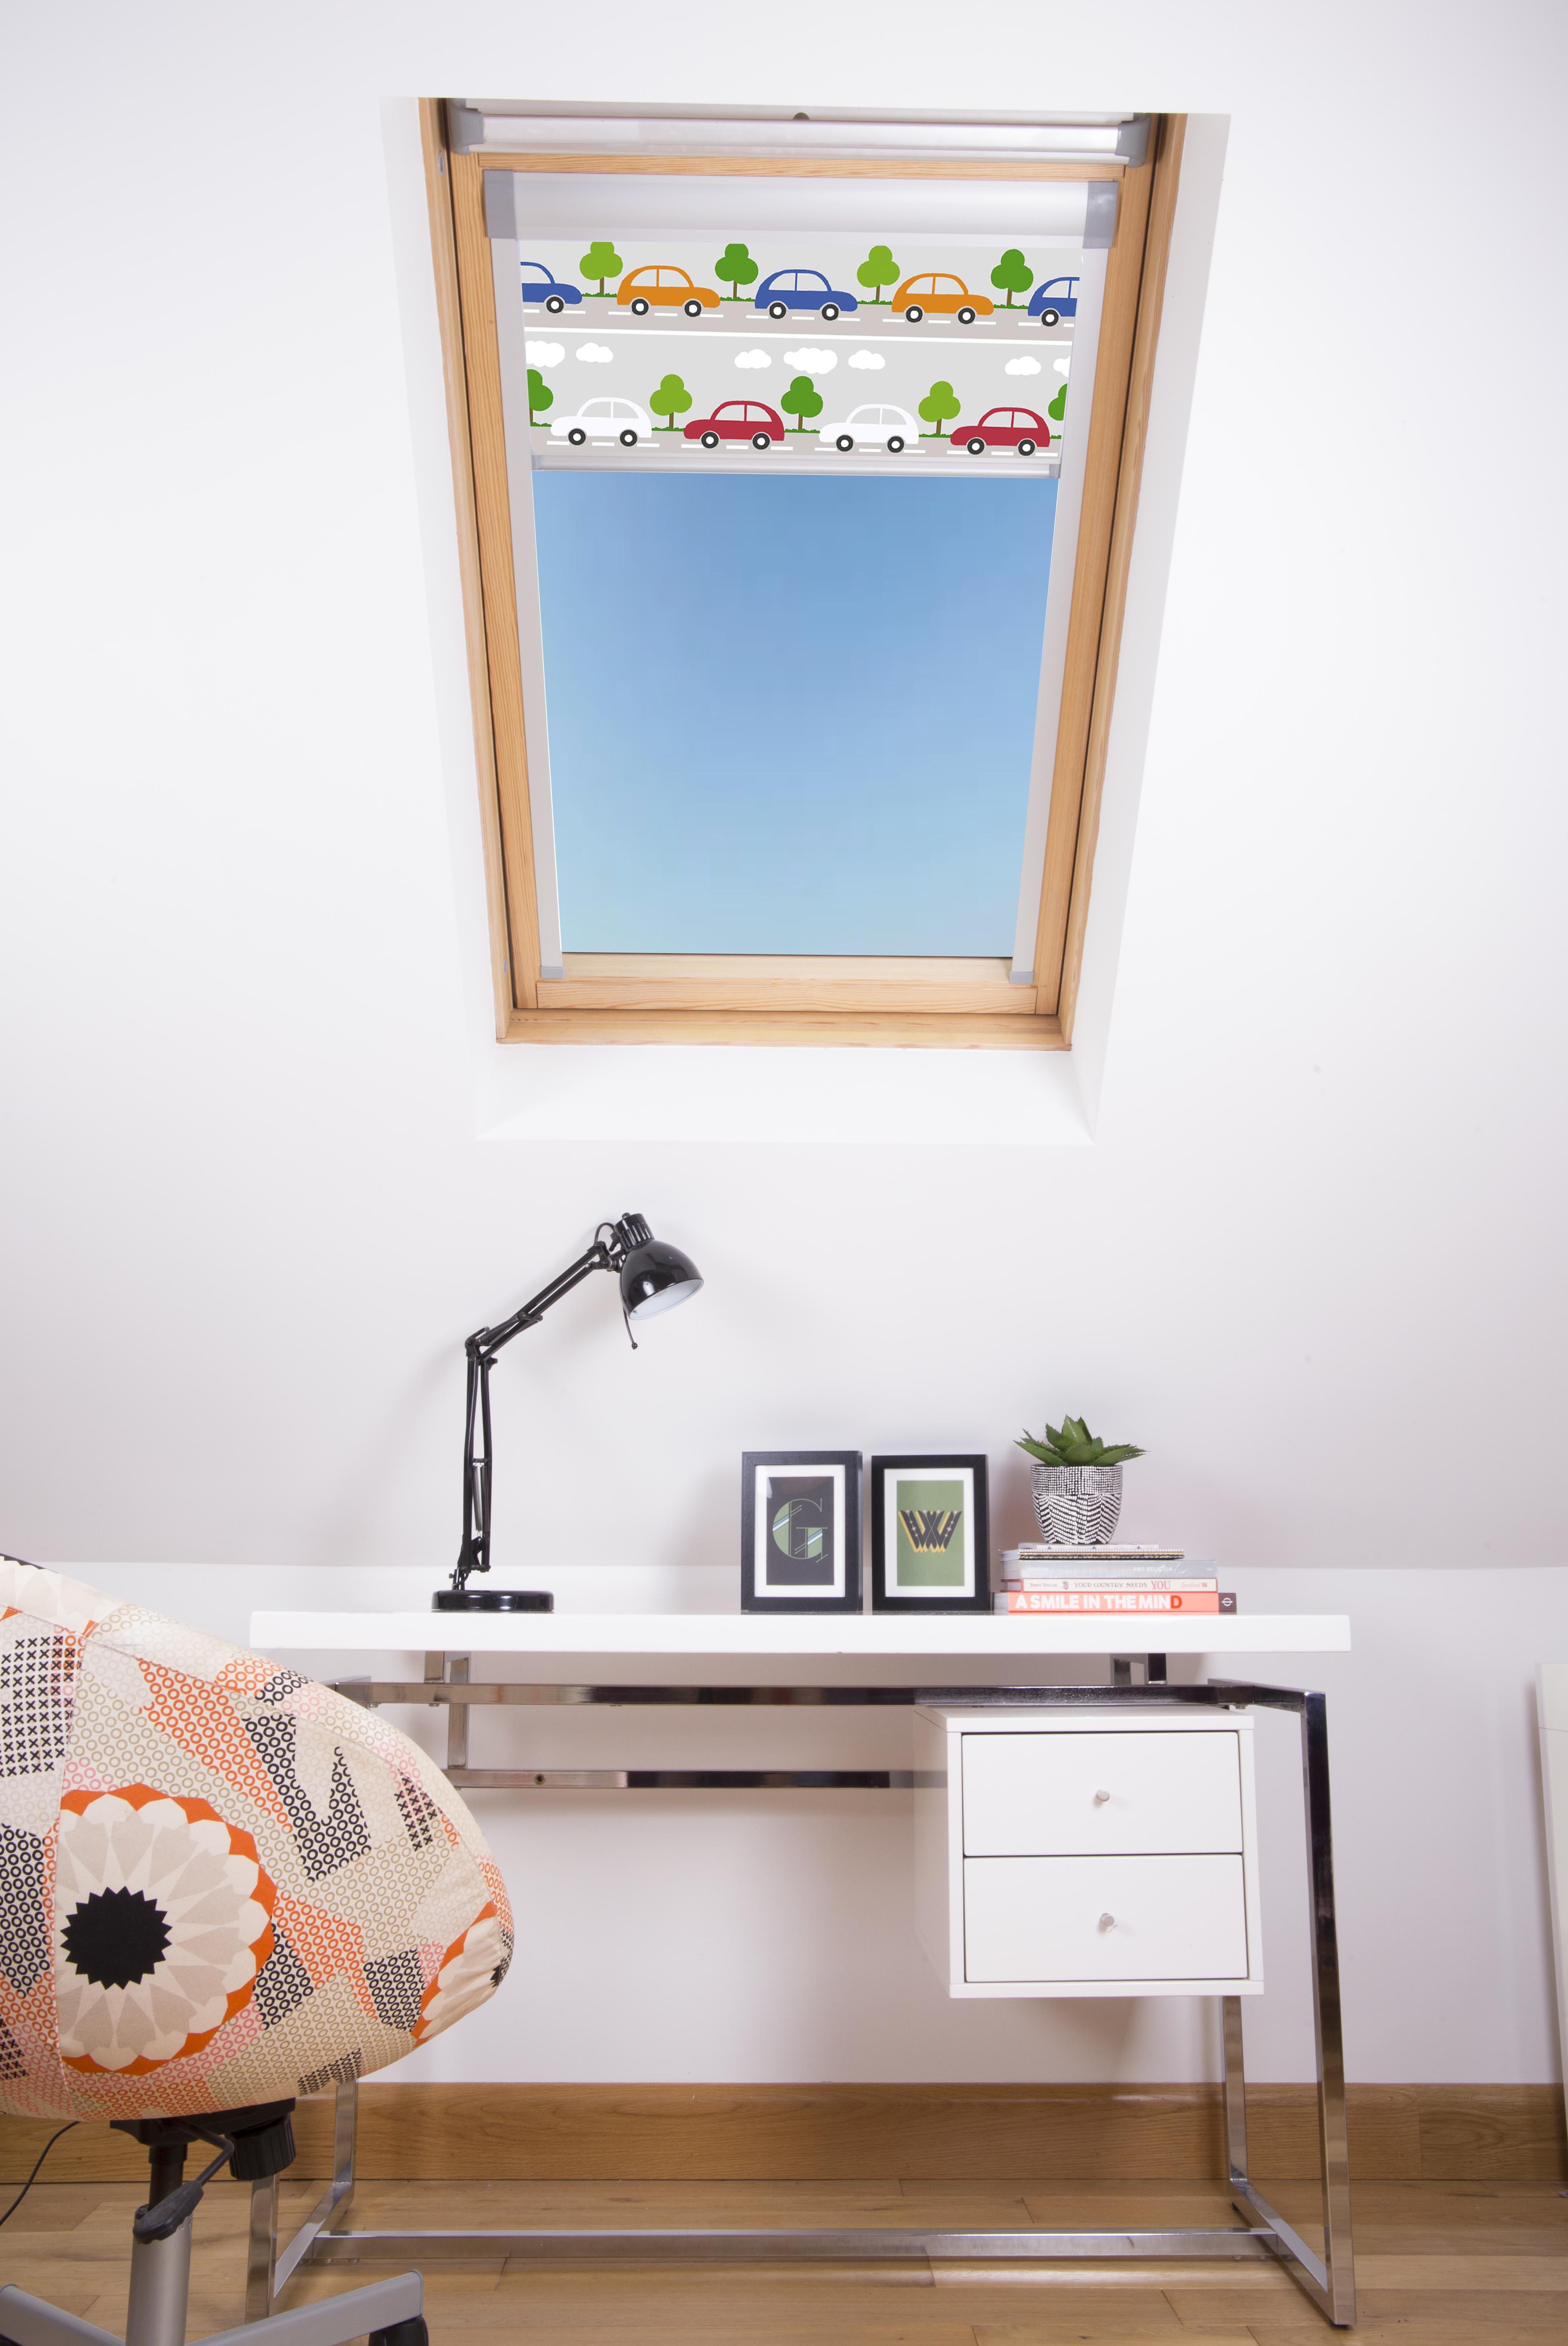 Beep Beep Grey skylight blind